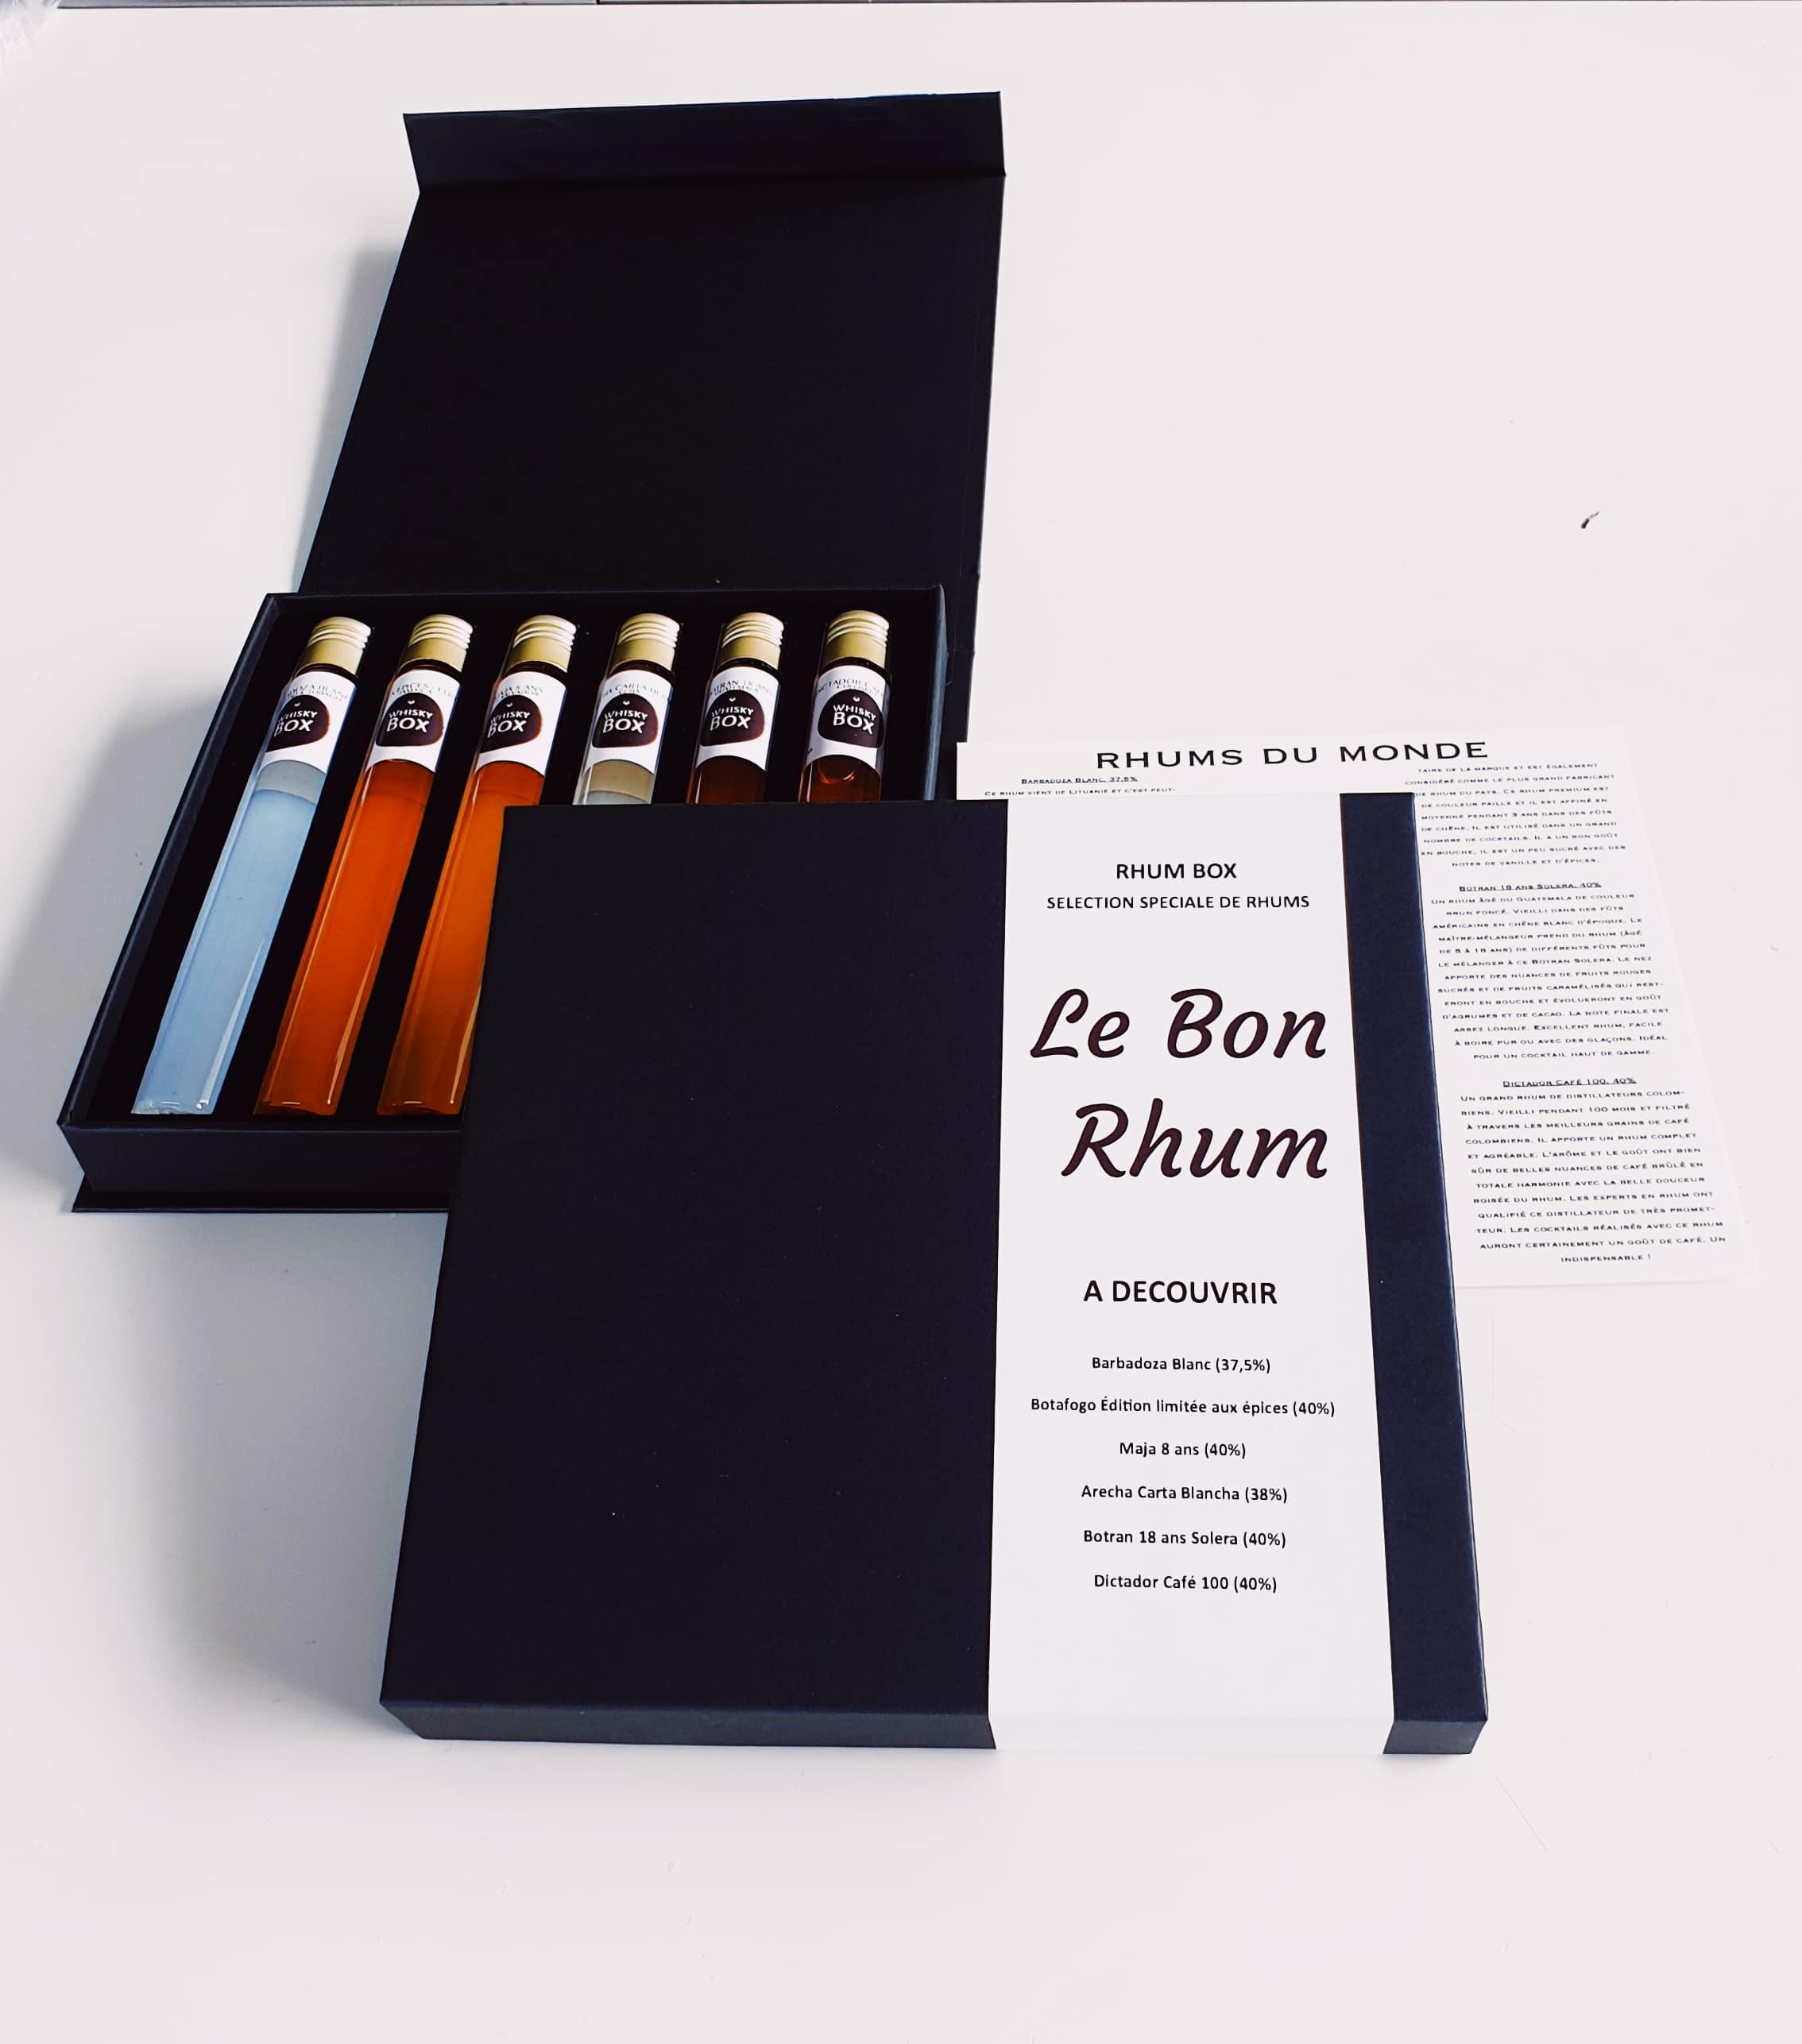 box de rhum Le Bon Rhum